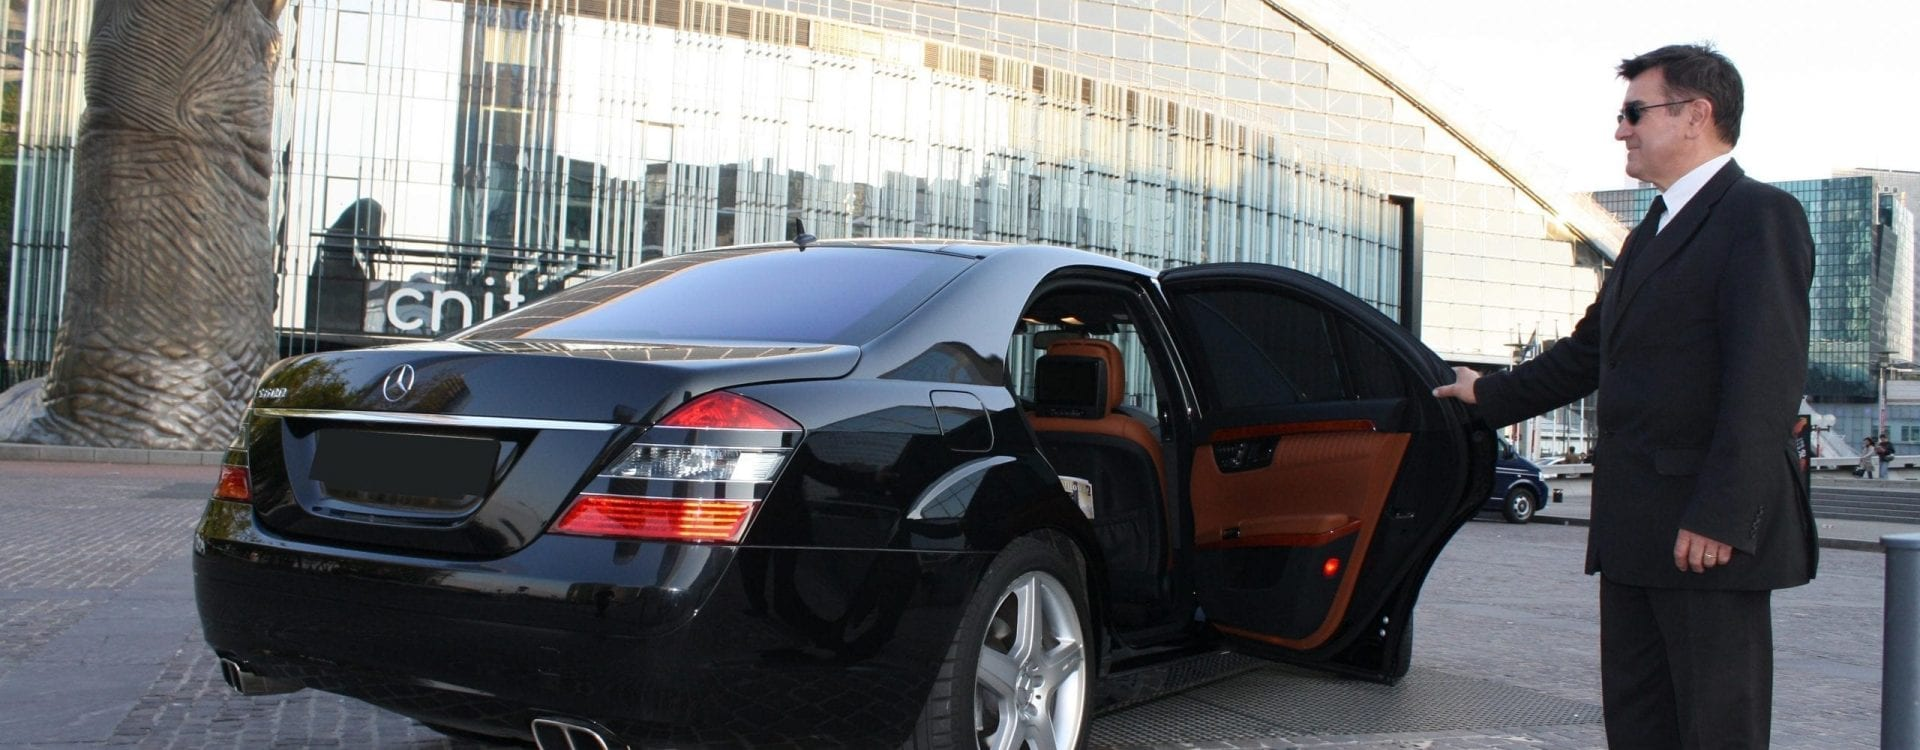 Location de voiture de luxe avec chauffeur à Paris pour tous types d'évènements